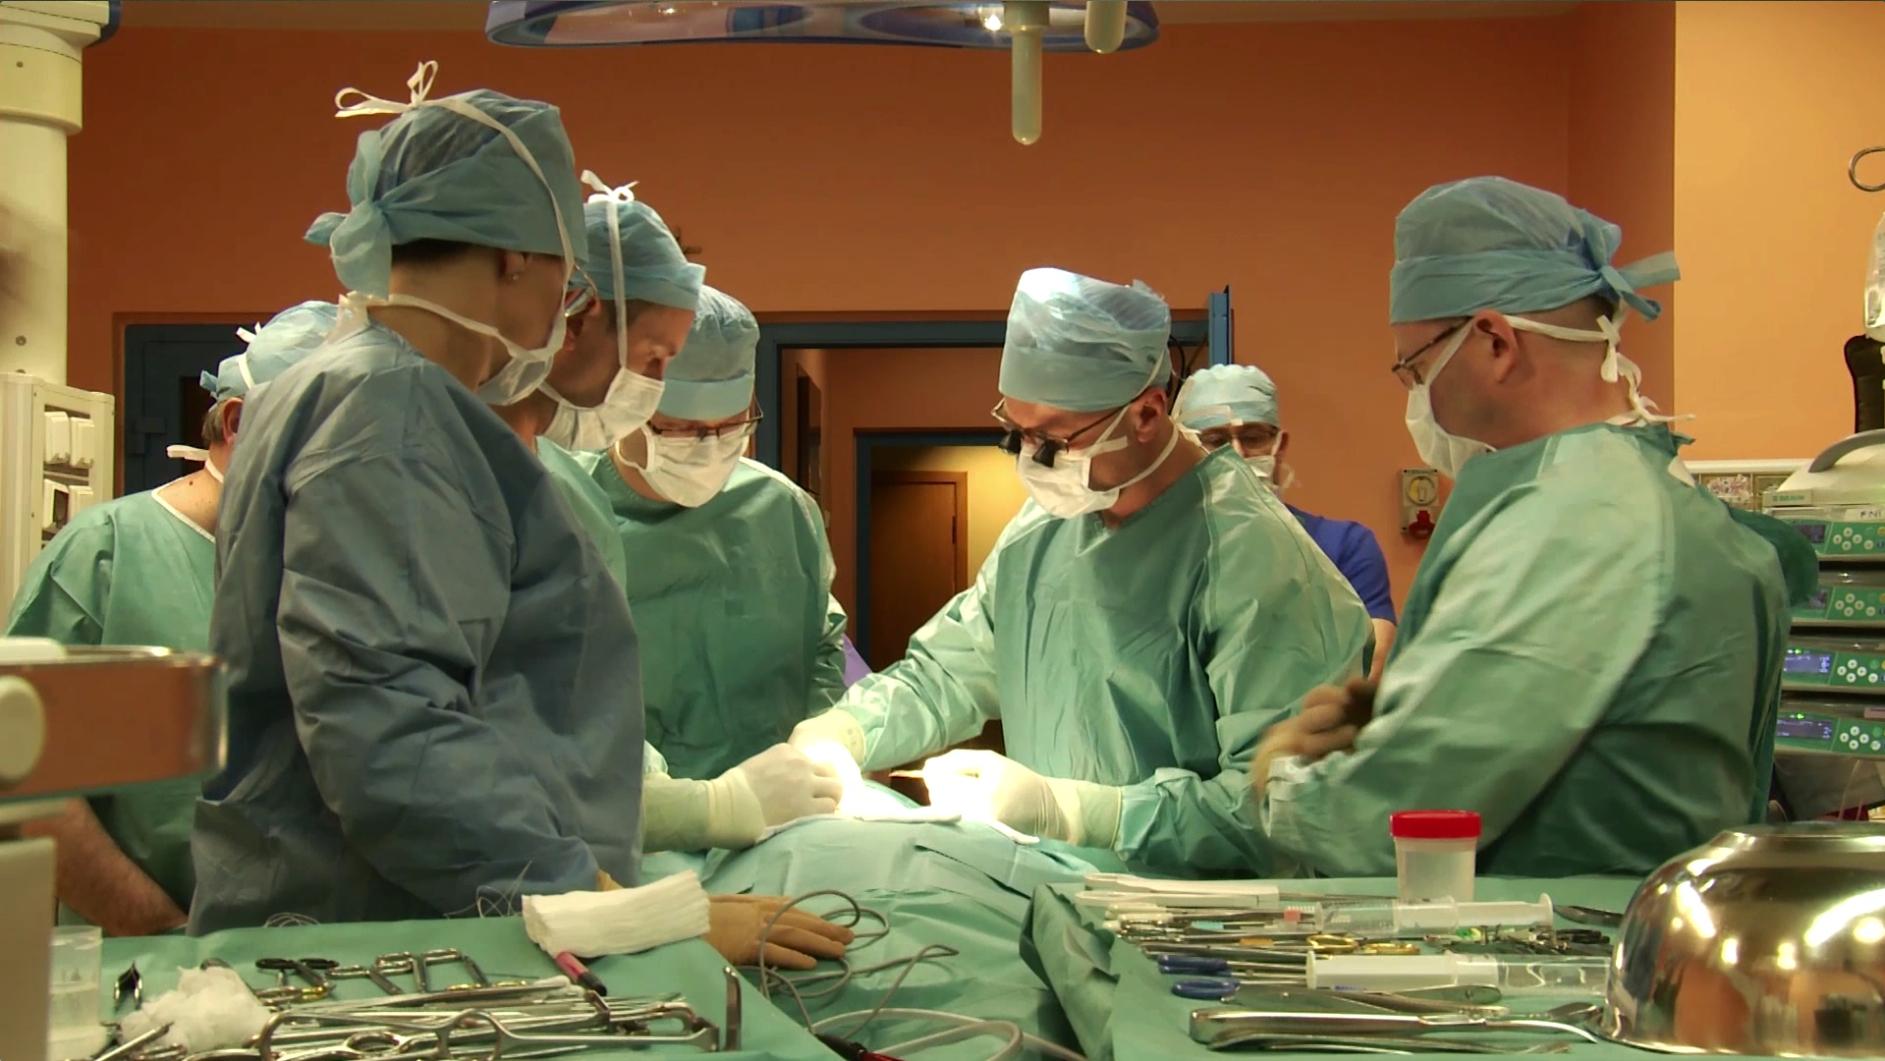 Une Marocaine atteinte d'une tumeur au visage bénéficie d'une reconstruction faciale en Espagne